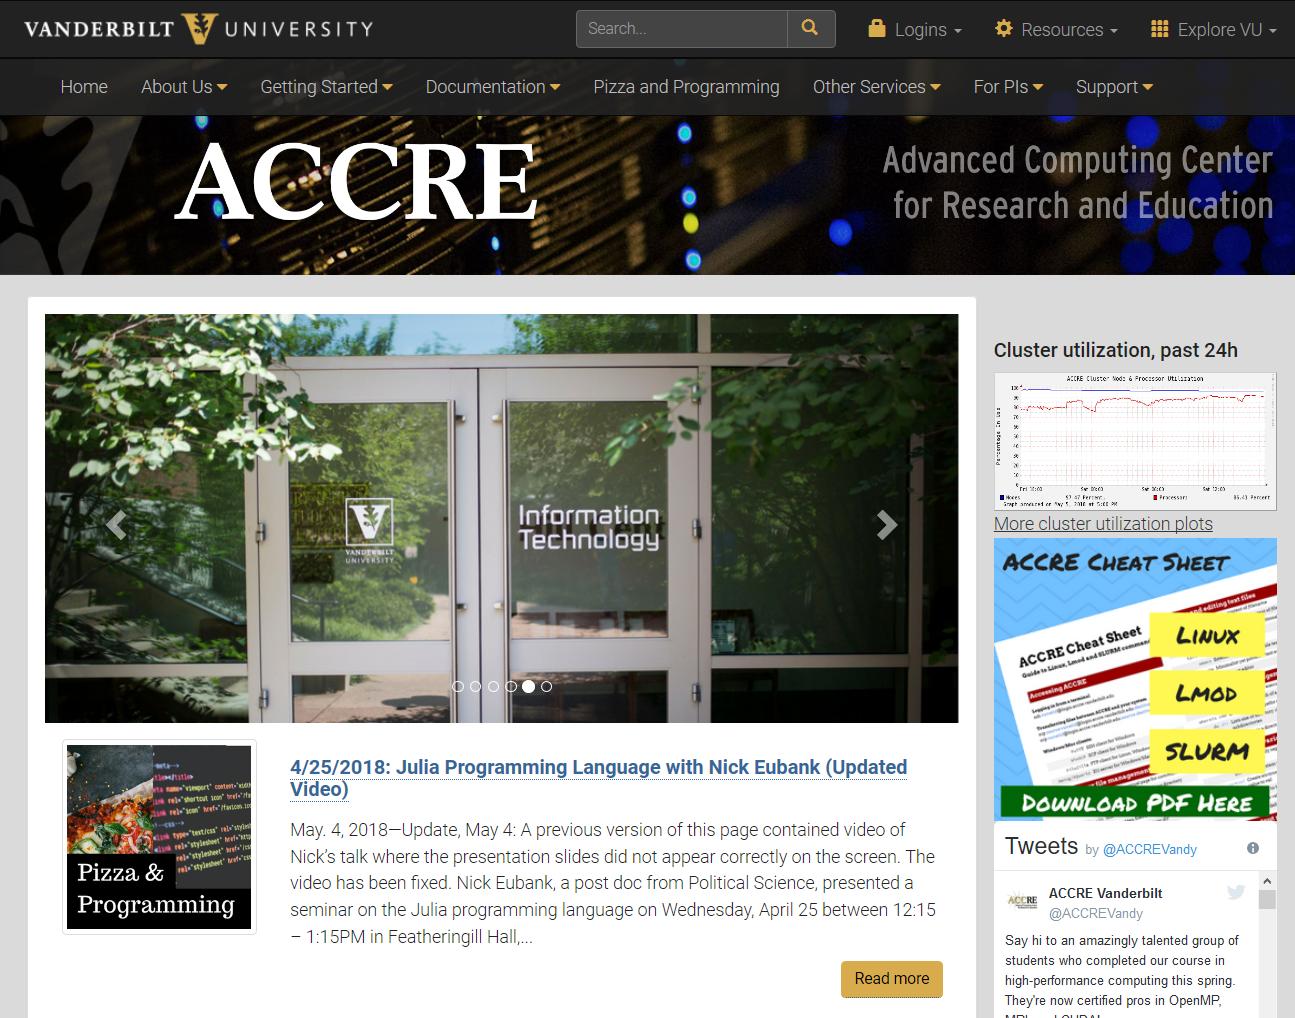 Screenshot-2018-5-5 ACCRE Vanderbilt University